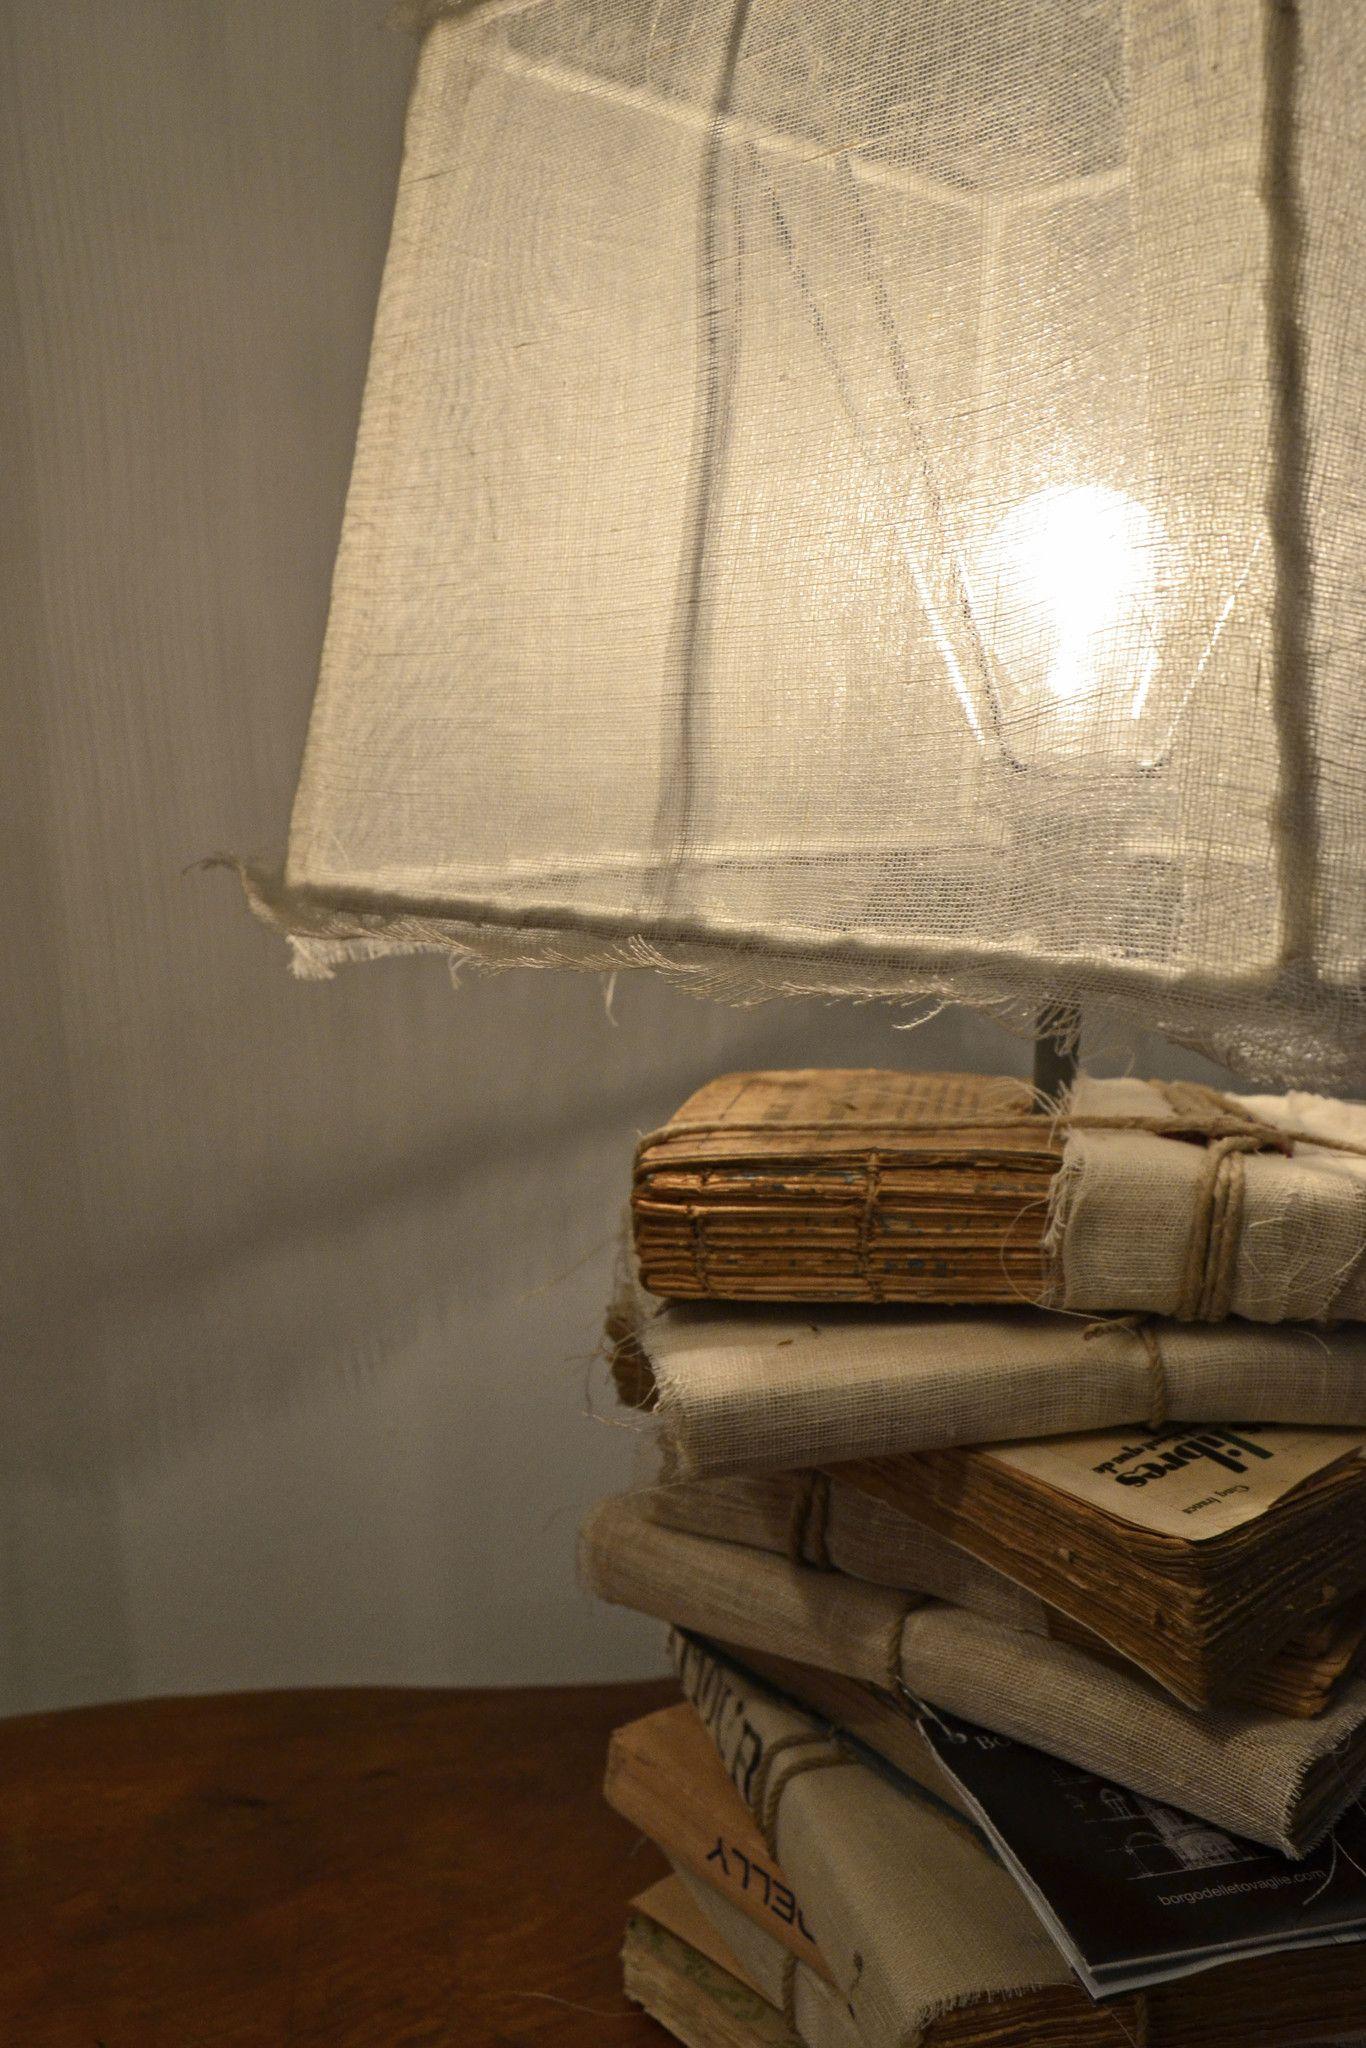 Abat-jour Libri - Borgo delle Tovaglie